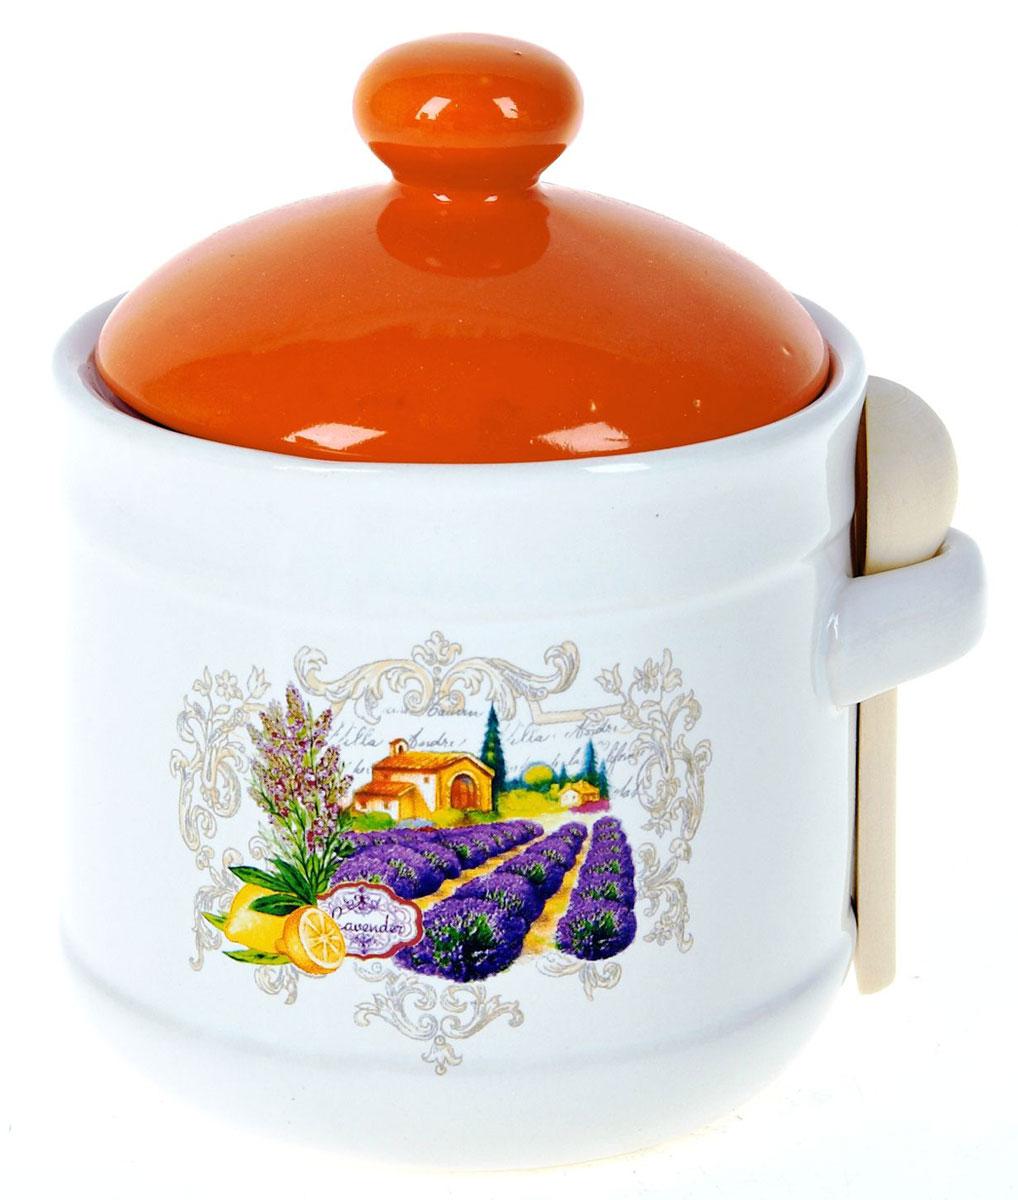 Банка для сыпучих продуктов Polystar Прованс, с ложкой, 750 млVT-1520(SR)Банка для сыпучих продуктов Polystar Прованс изготовлена из керамики, с деревянной ложкой. Изделие оформлено красочным изображением. Банка прекрасно подойдет для хранения различных сыпучих продуктов: чая, кофе, сахара, круп и многого другого. Крышка герметично закрывается, что позволяет дольше сохранять продукты свежими. Изящная емкость не только поможет хранить разнообразные сыпучие продукты, но и стильно дополнит интерьер кухни.